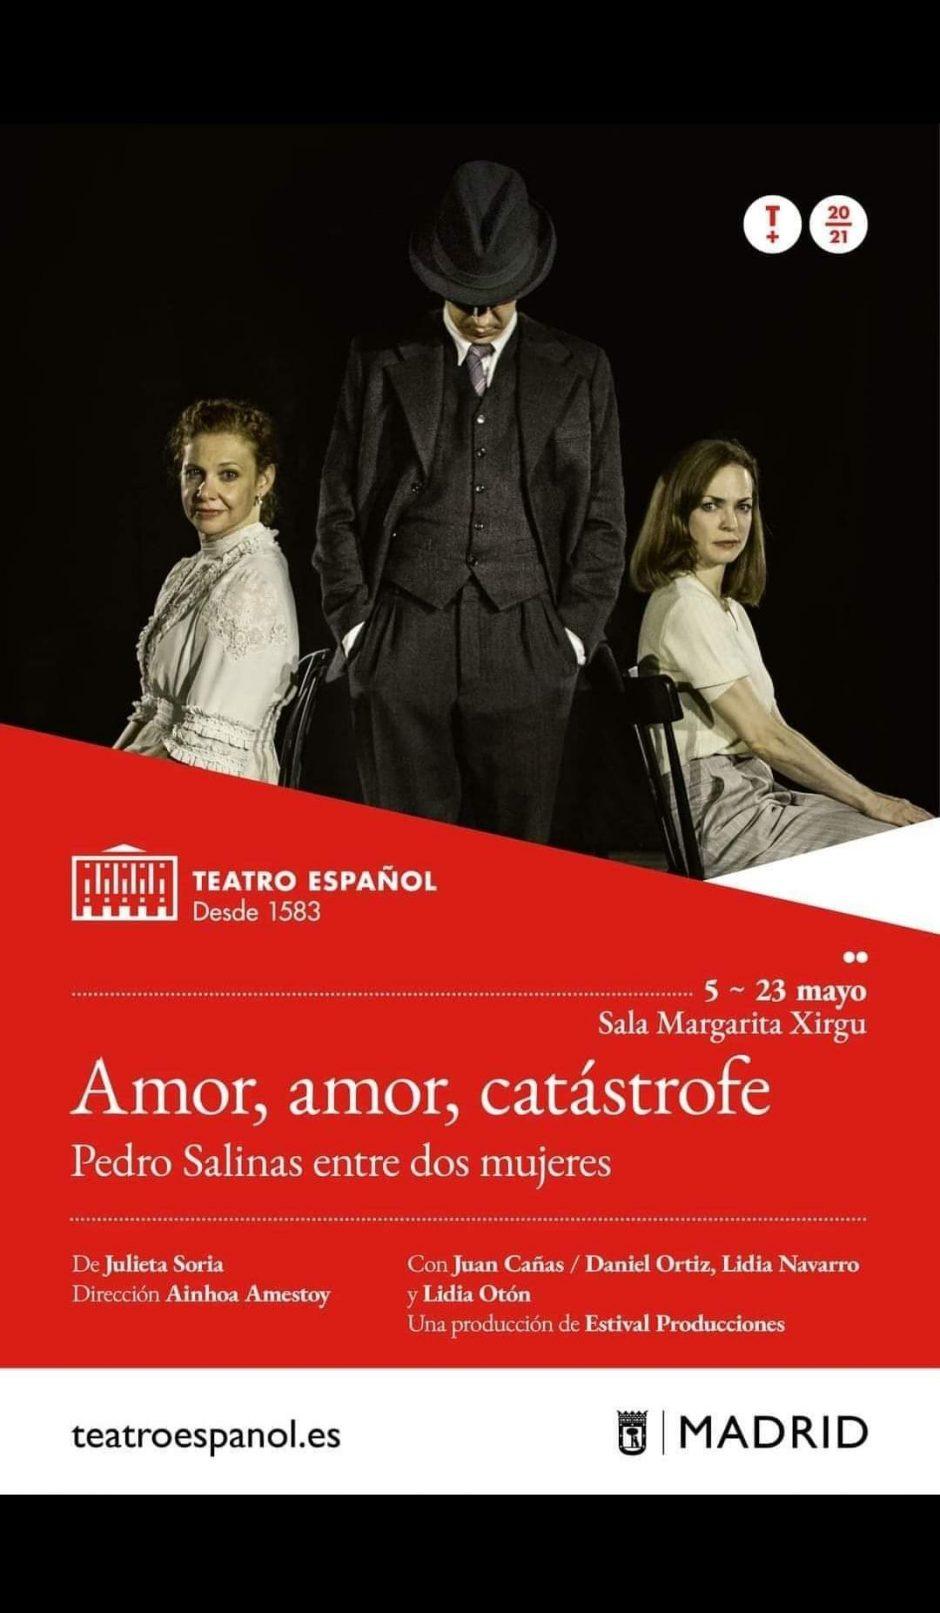 """Daniel Ortiz interpreta a Pedro Salinas en """"Amor, amor, catástrofe"""" en el Teatro Español de Madrid"""